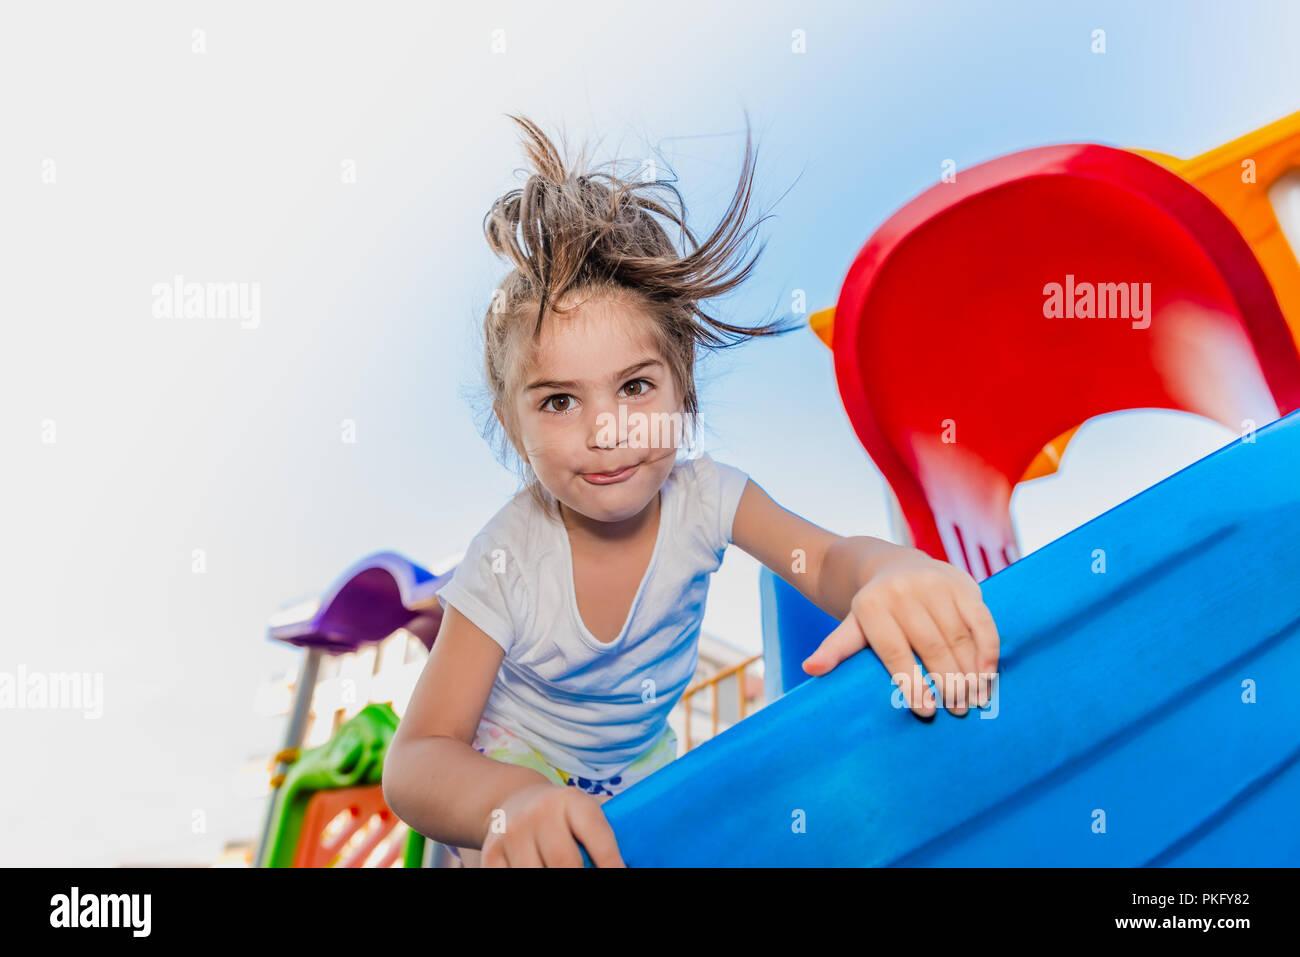 Portrait of cute little girl holding et de l'escalade pour atteindre les curseurs haut sur jeux pour enfants Photo Stock